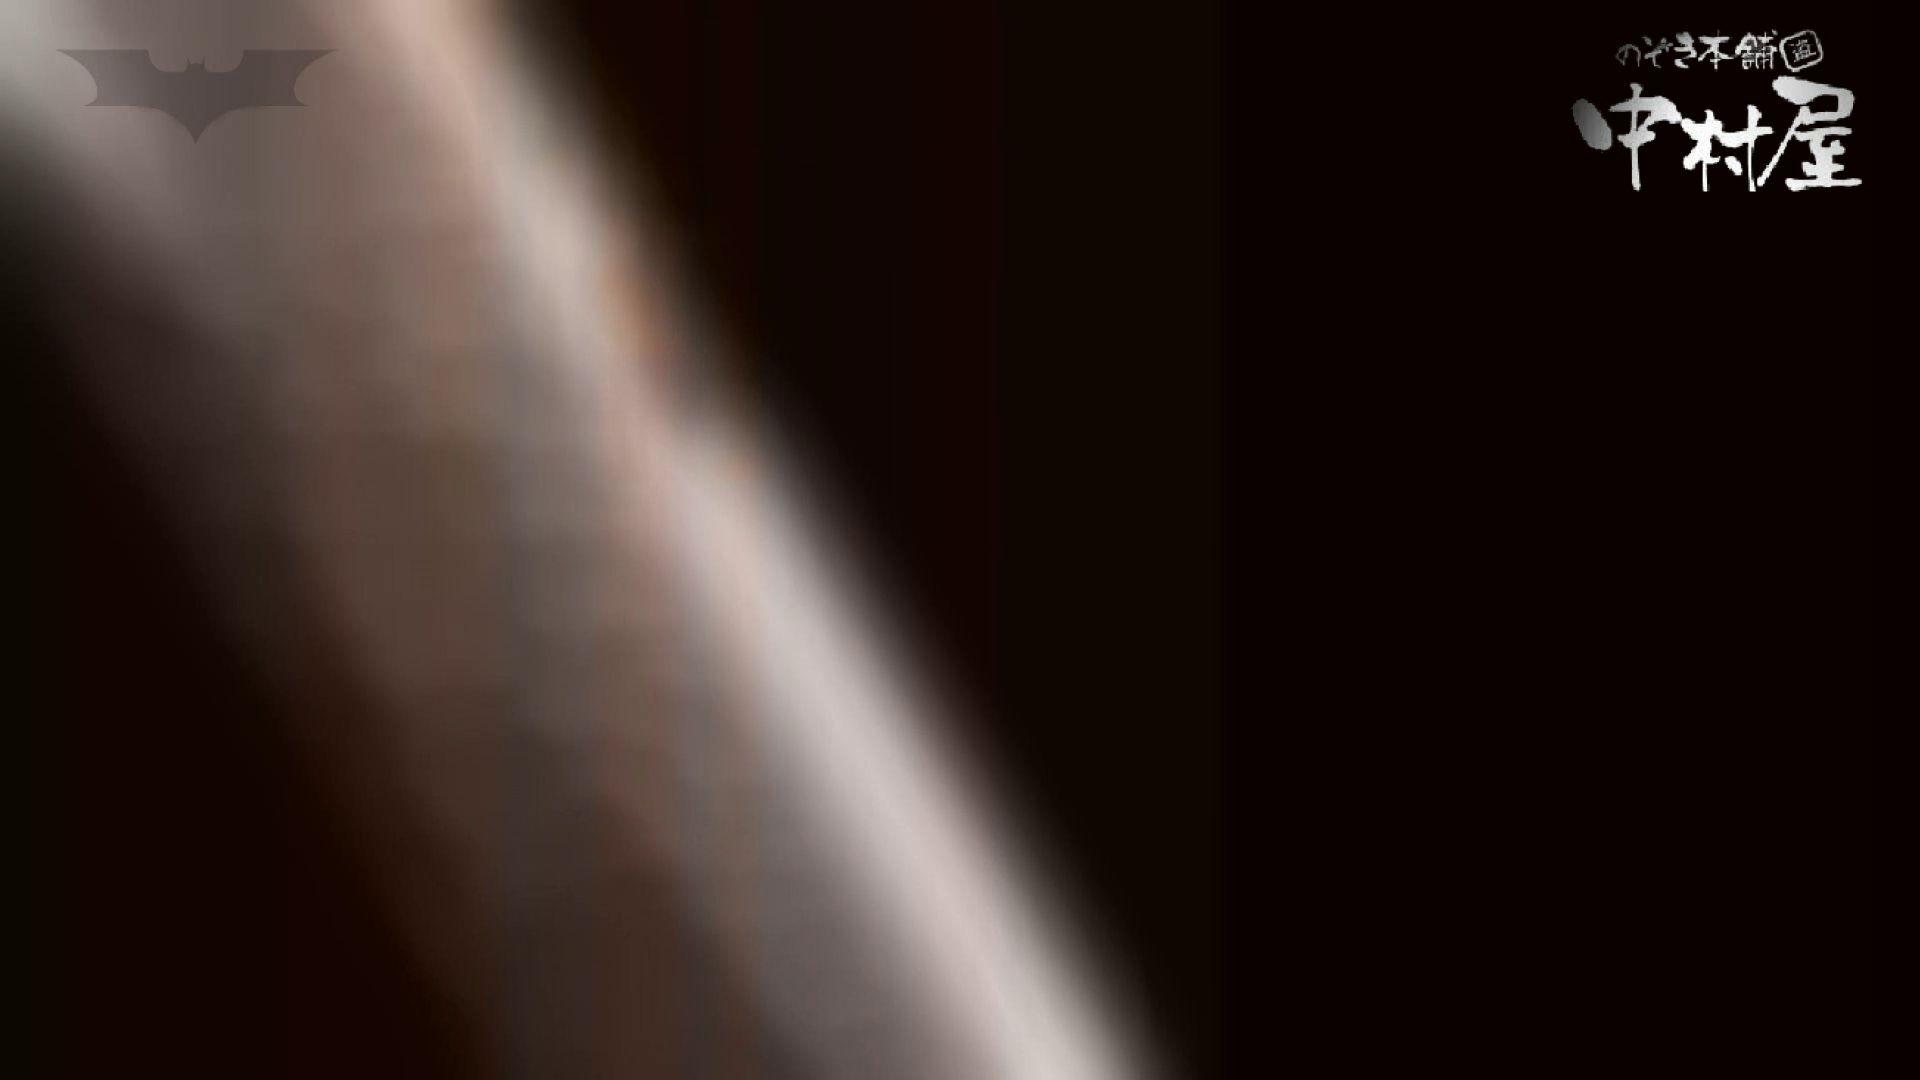 第三体育館潜入撮】第三体育館潜入撮File028 熟女特集!! マンコエロすぎ おめこ無修正動画無料 101PIX 34